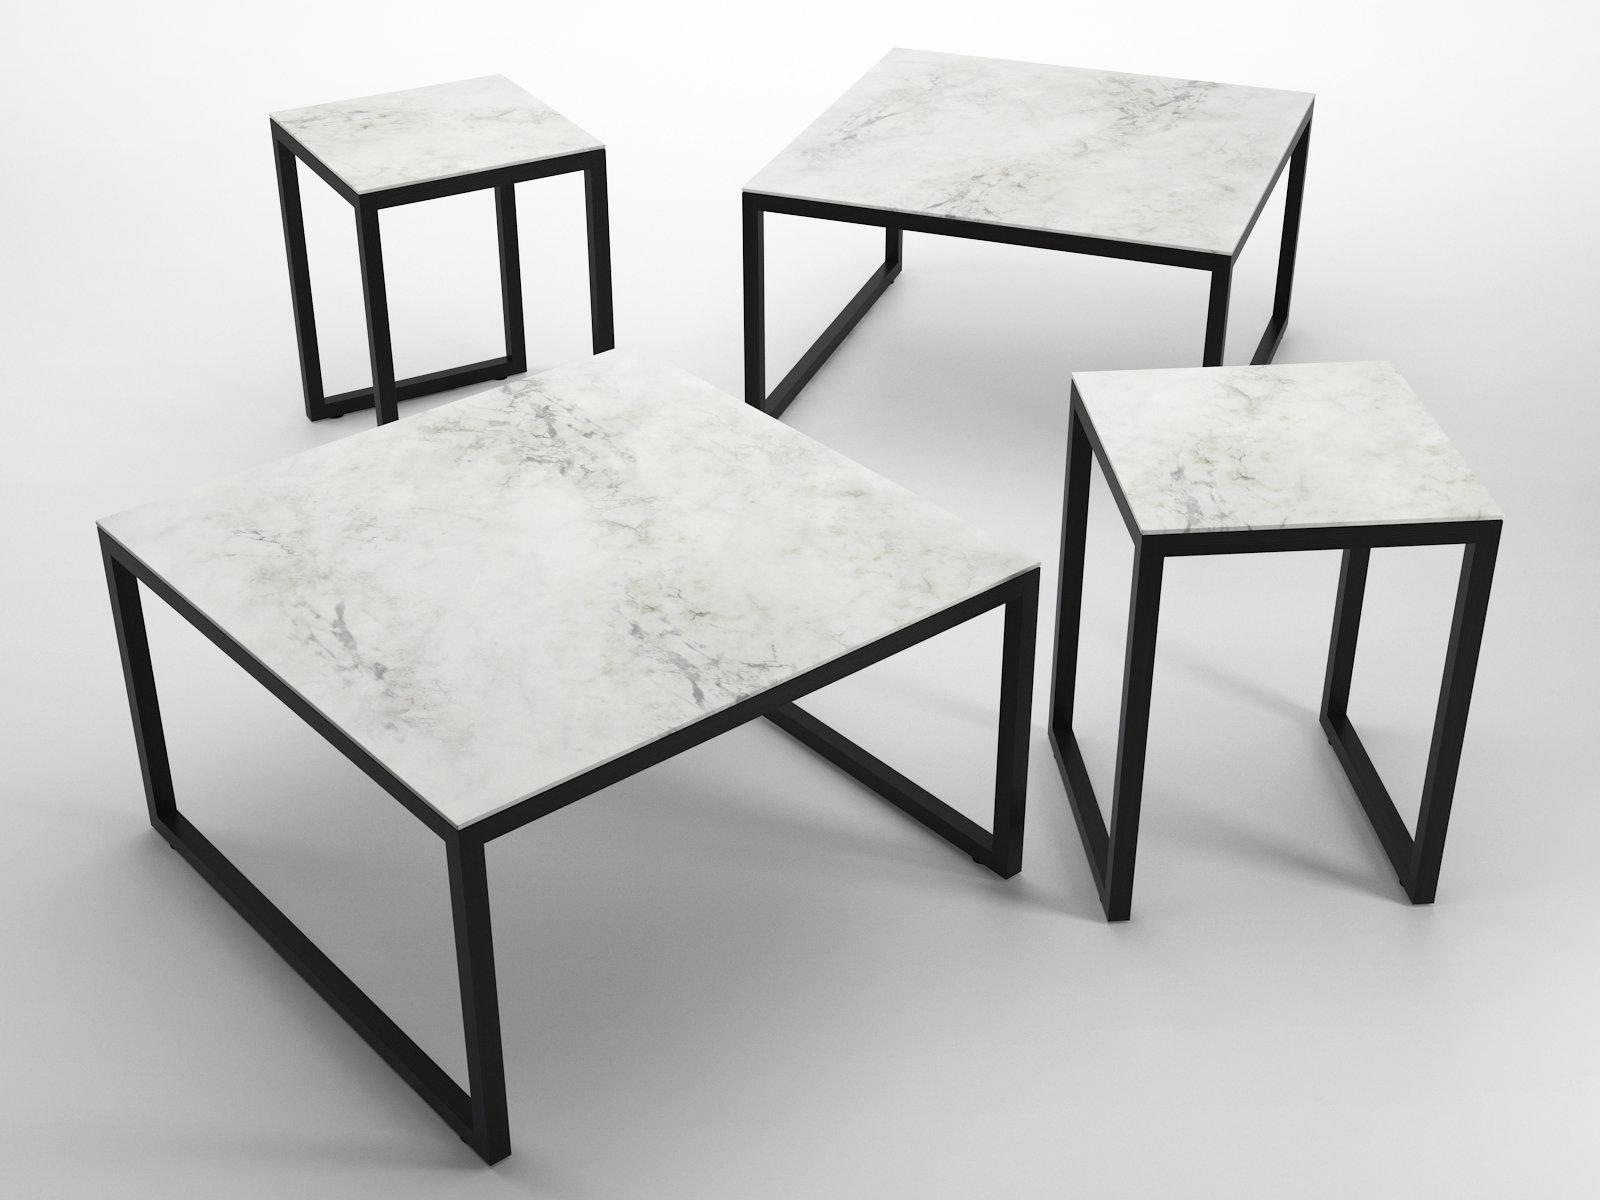 iso tables 3d model ligne roset. Black Bedroom Furniture Sets. Home Design Ideas